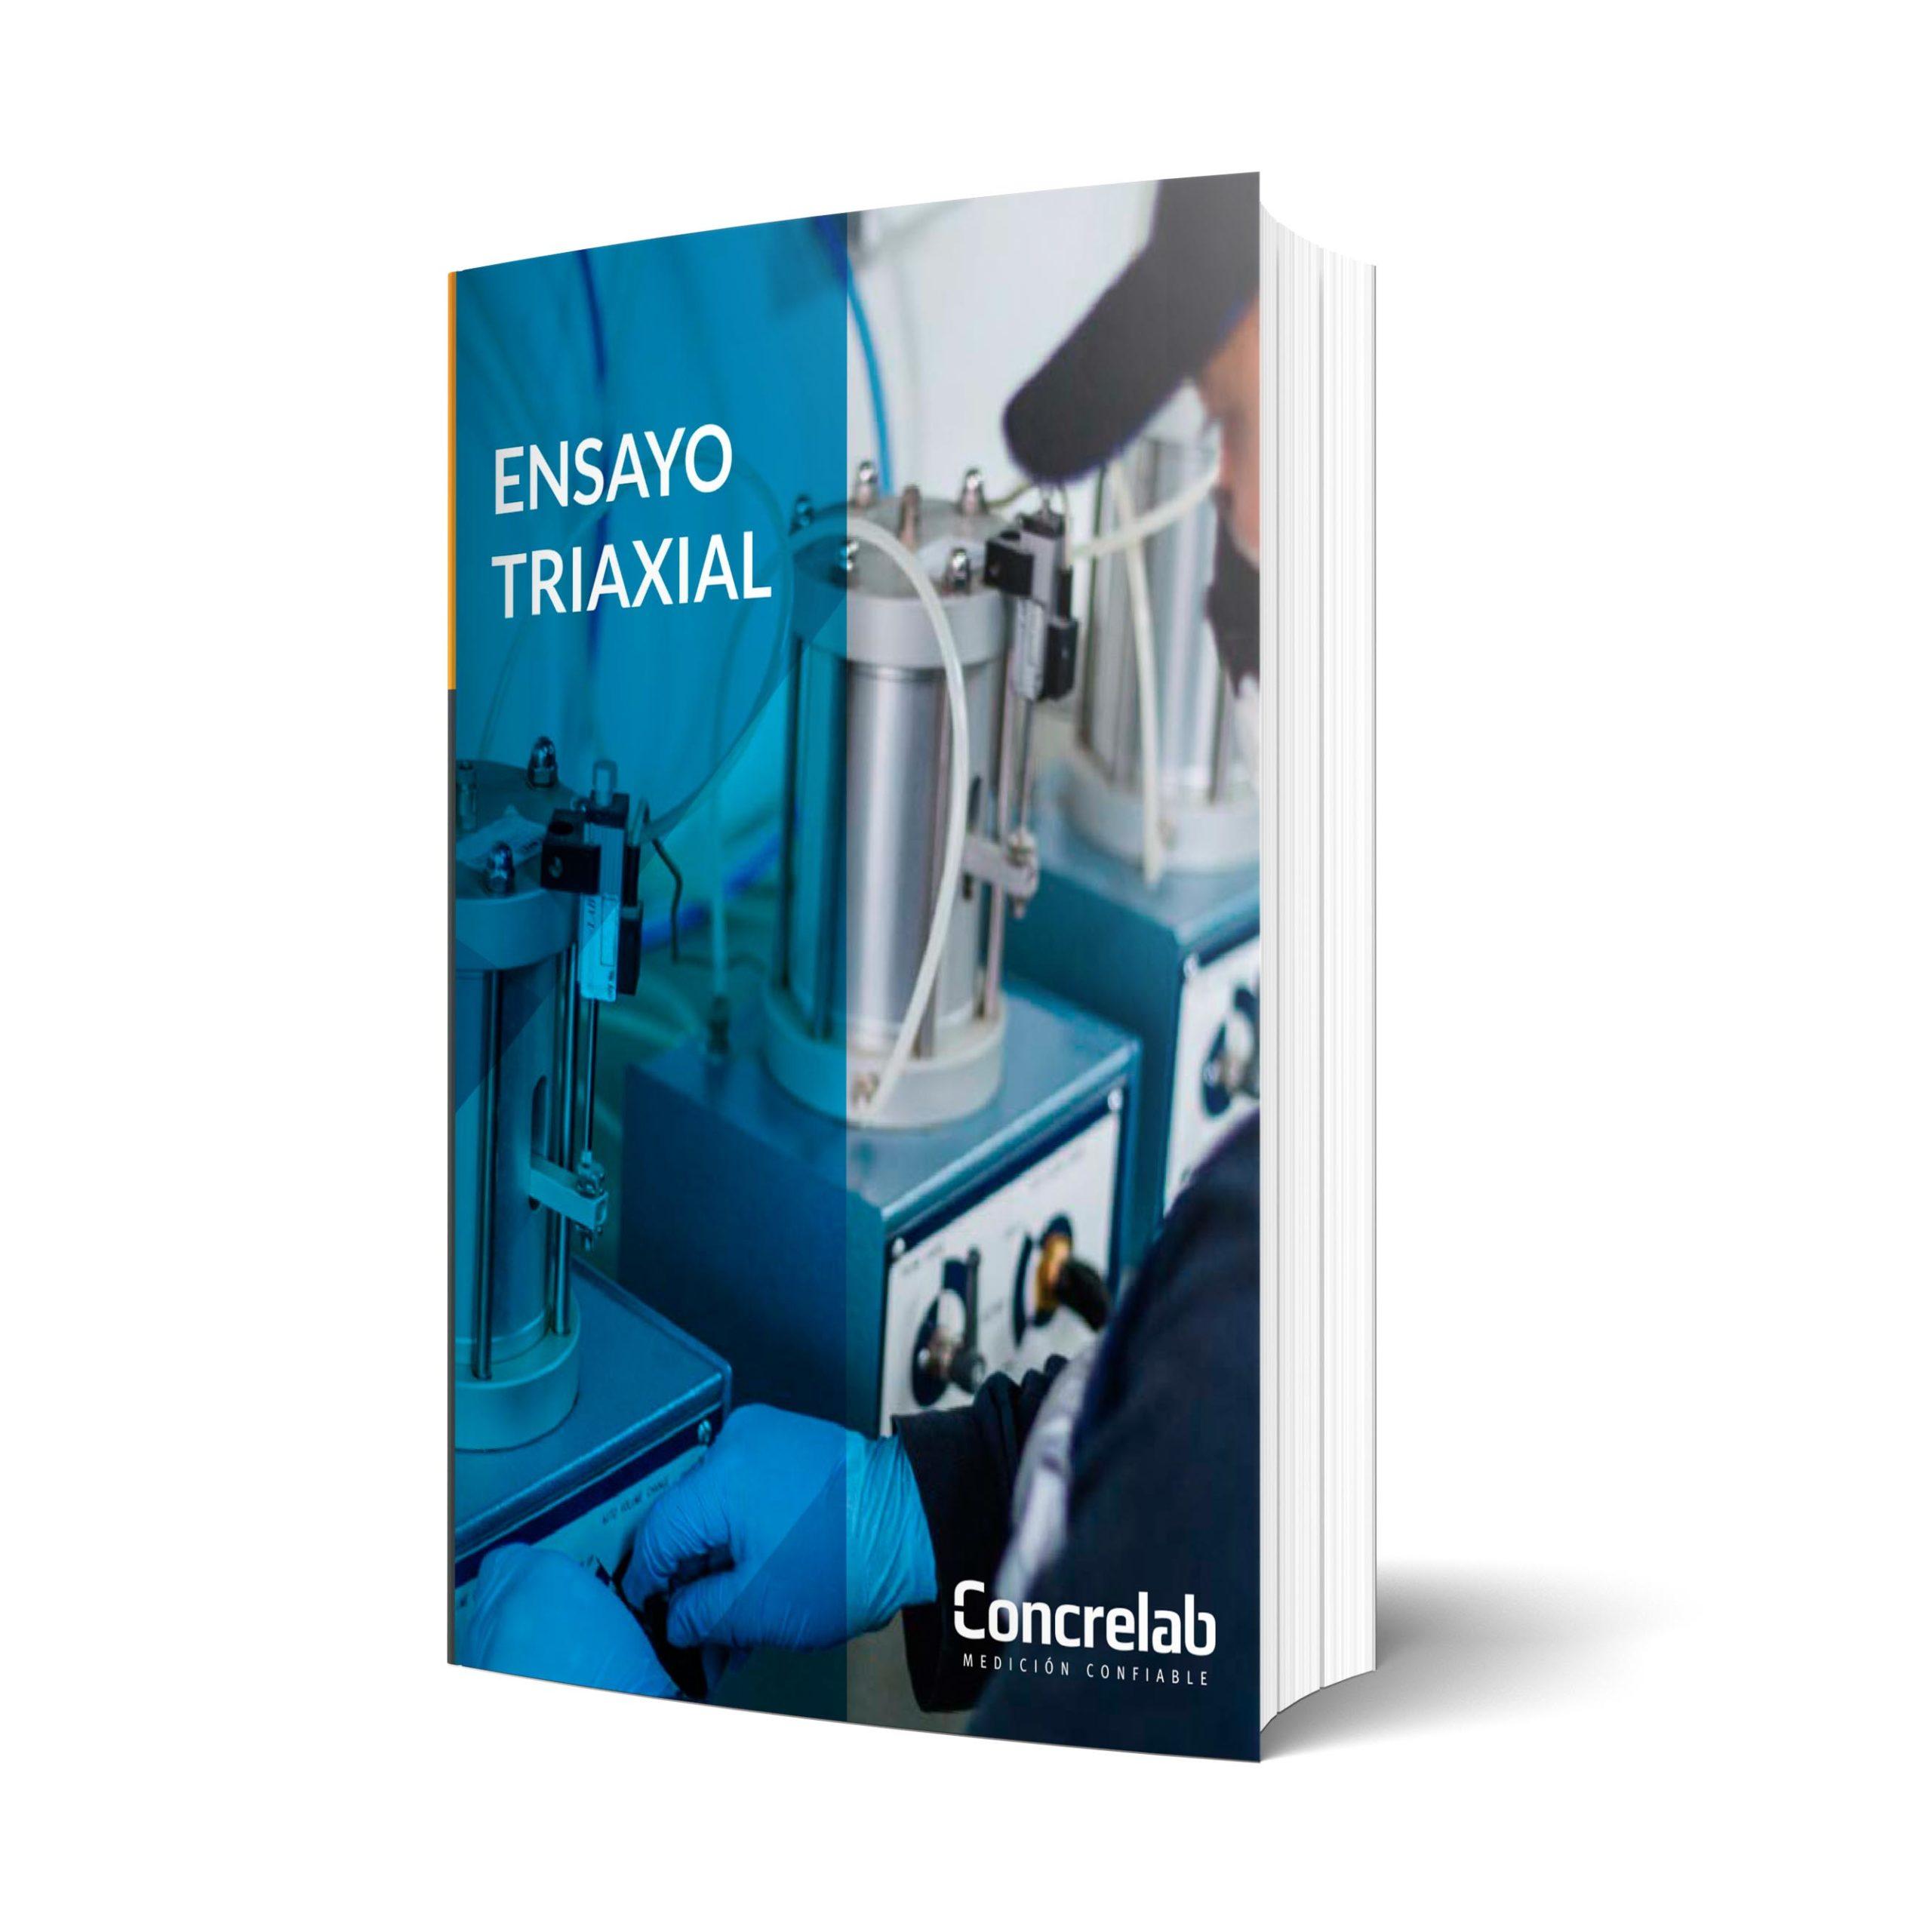 Ebook ensayo triaxial